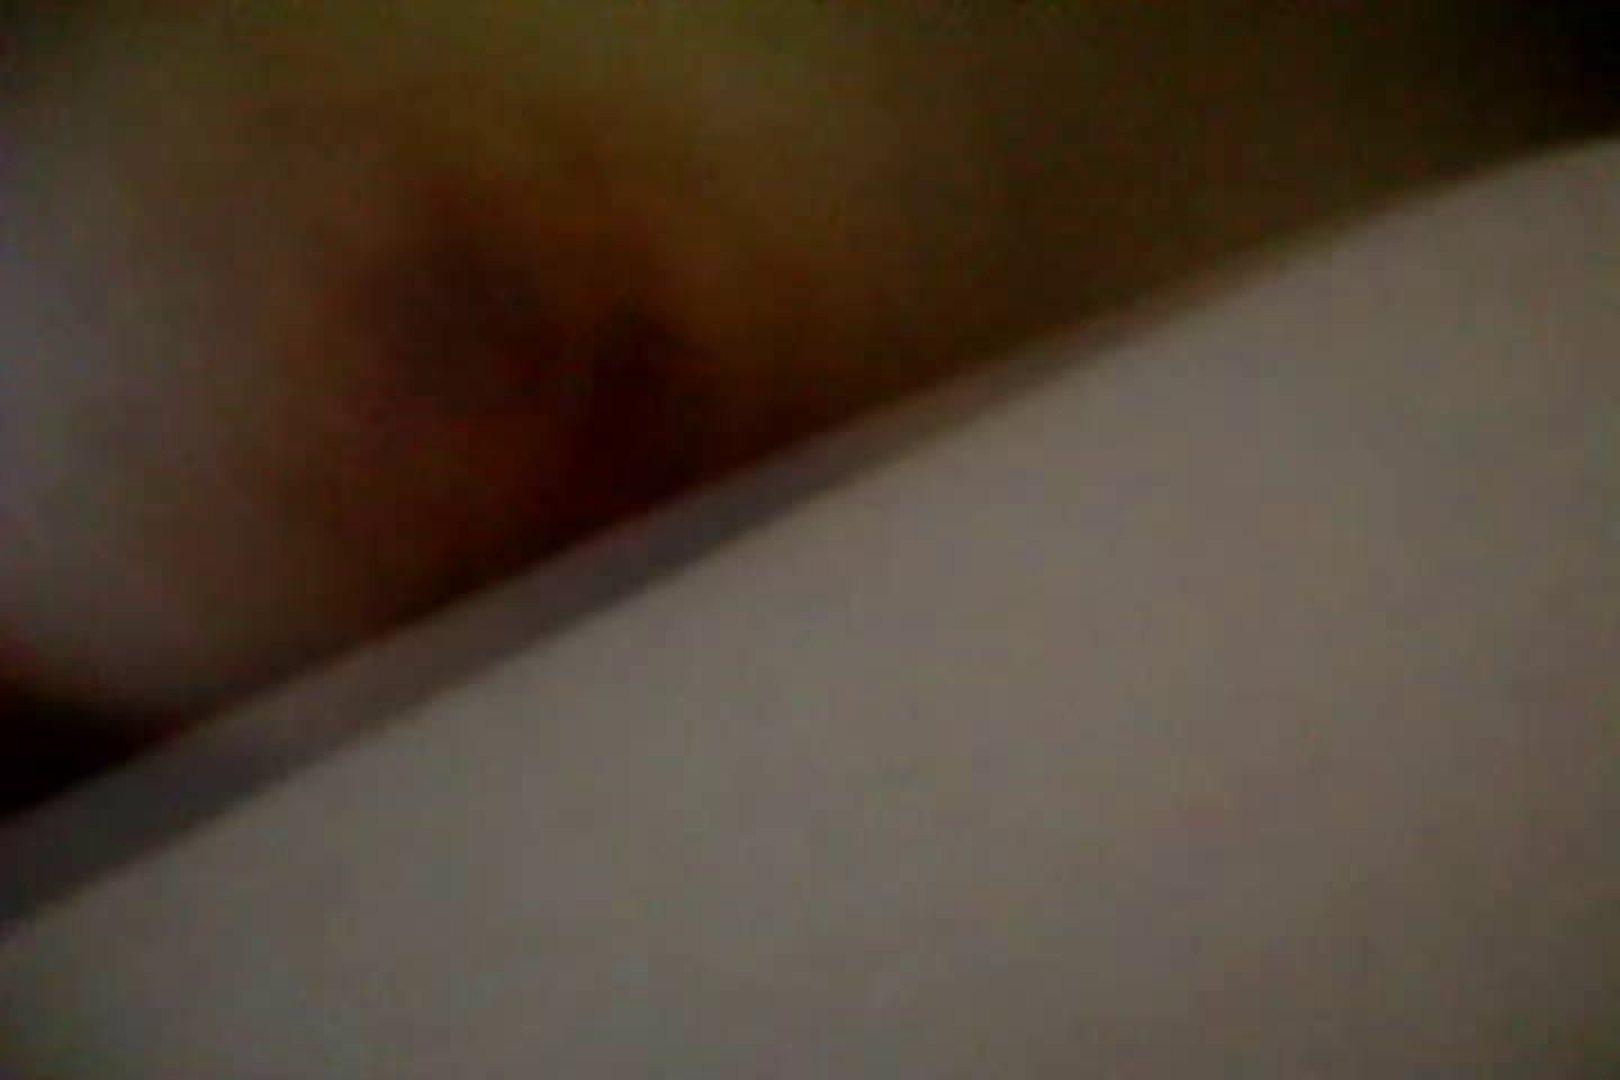 ウイルス流出 鹿児島県庁職員 中瀬瀬久成の流出ビデオ 流出作品  86pic 16